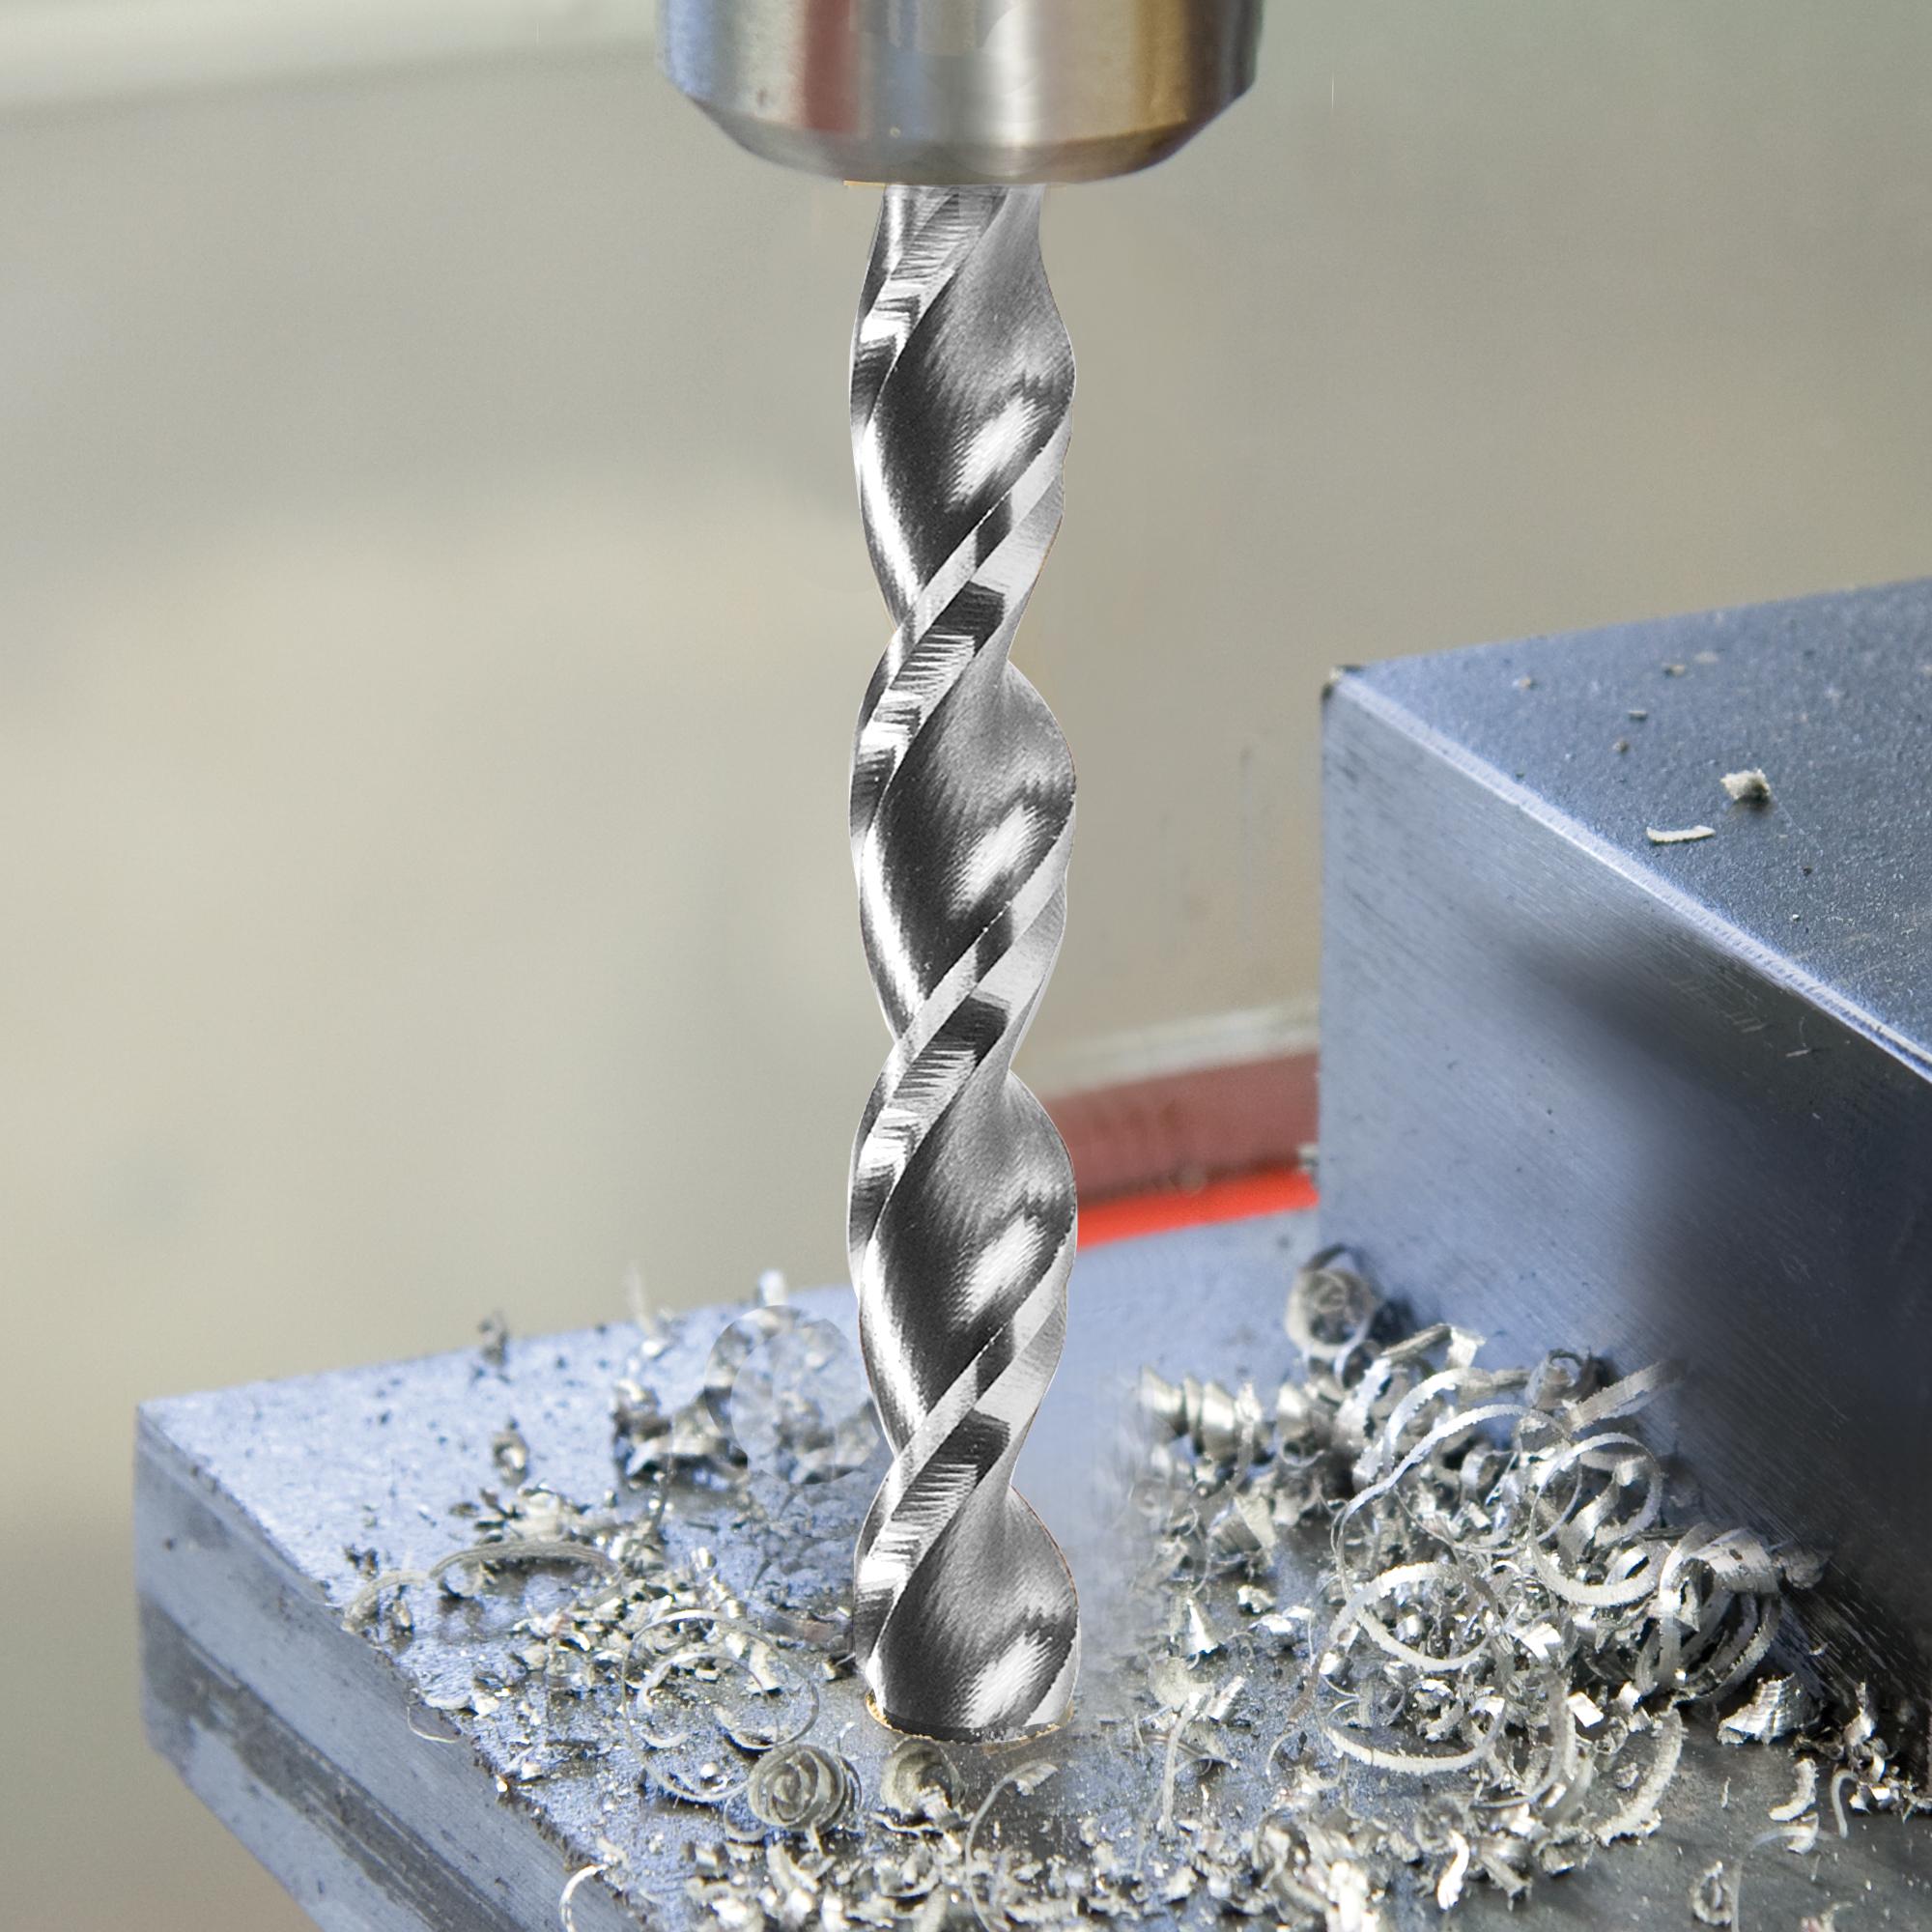 RUKO Twist drill DIN 338 TL 3000 HSS 258051